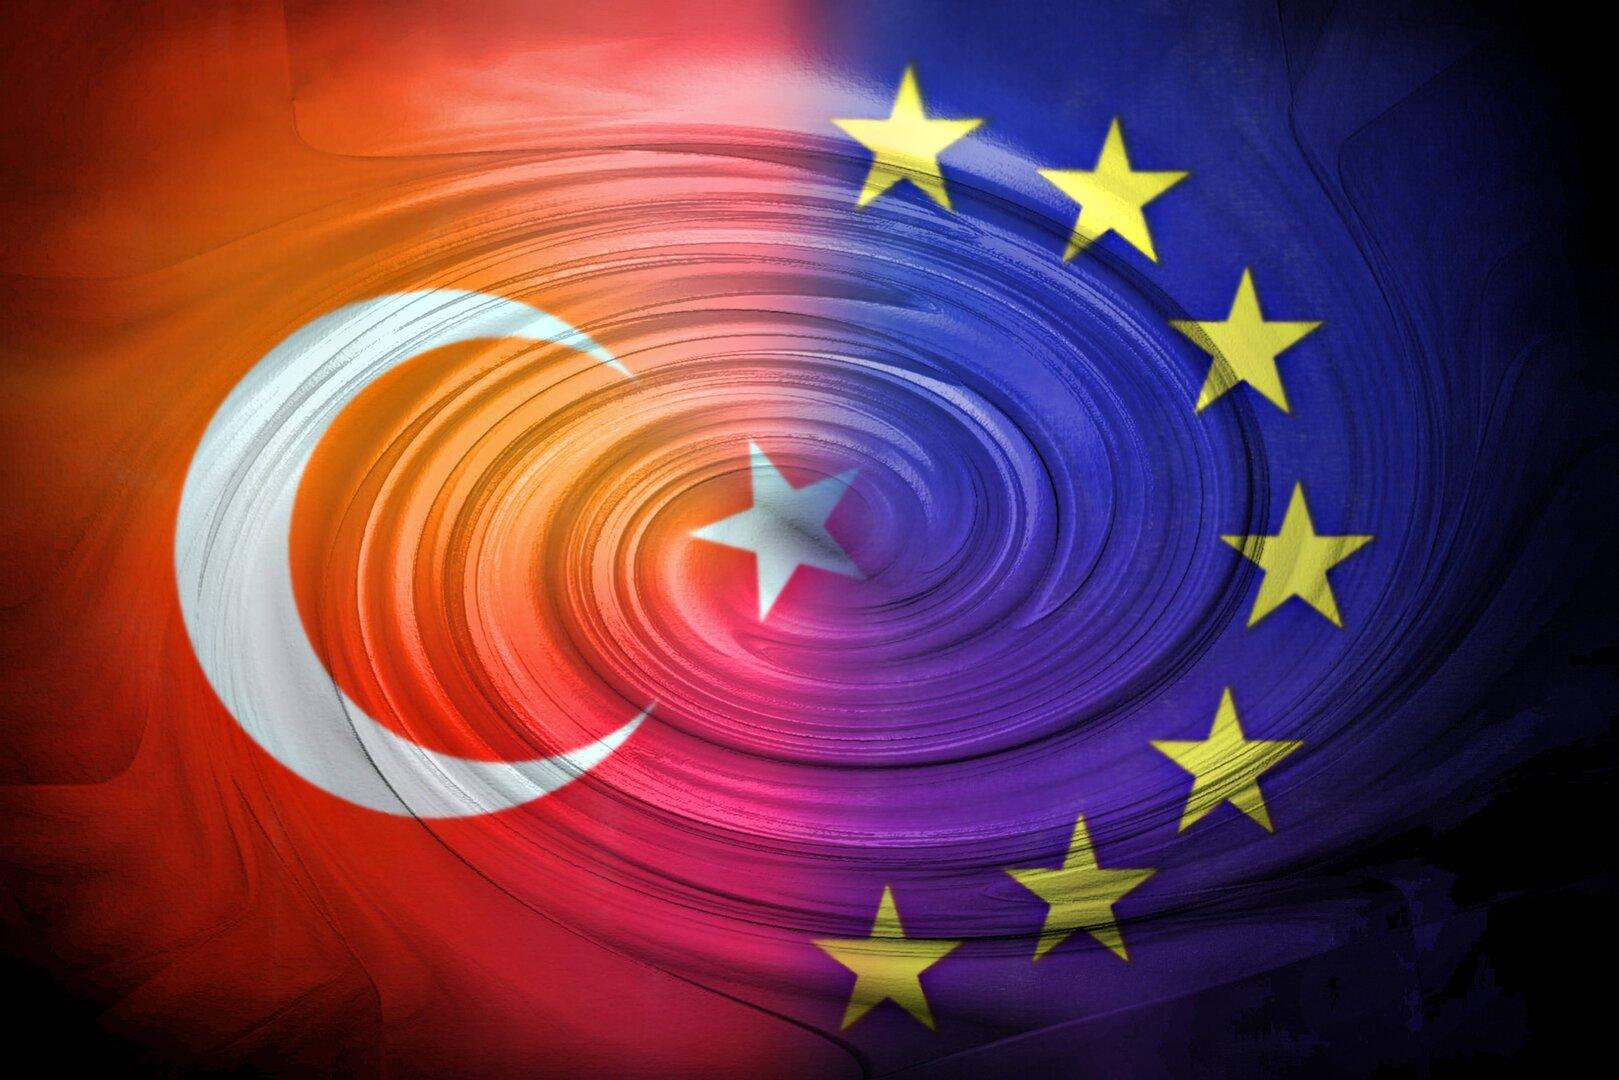 تركيا تتهم الاتحاد الأوروبي بـ